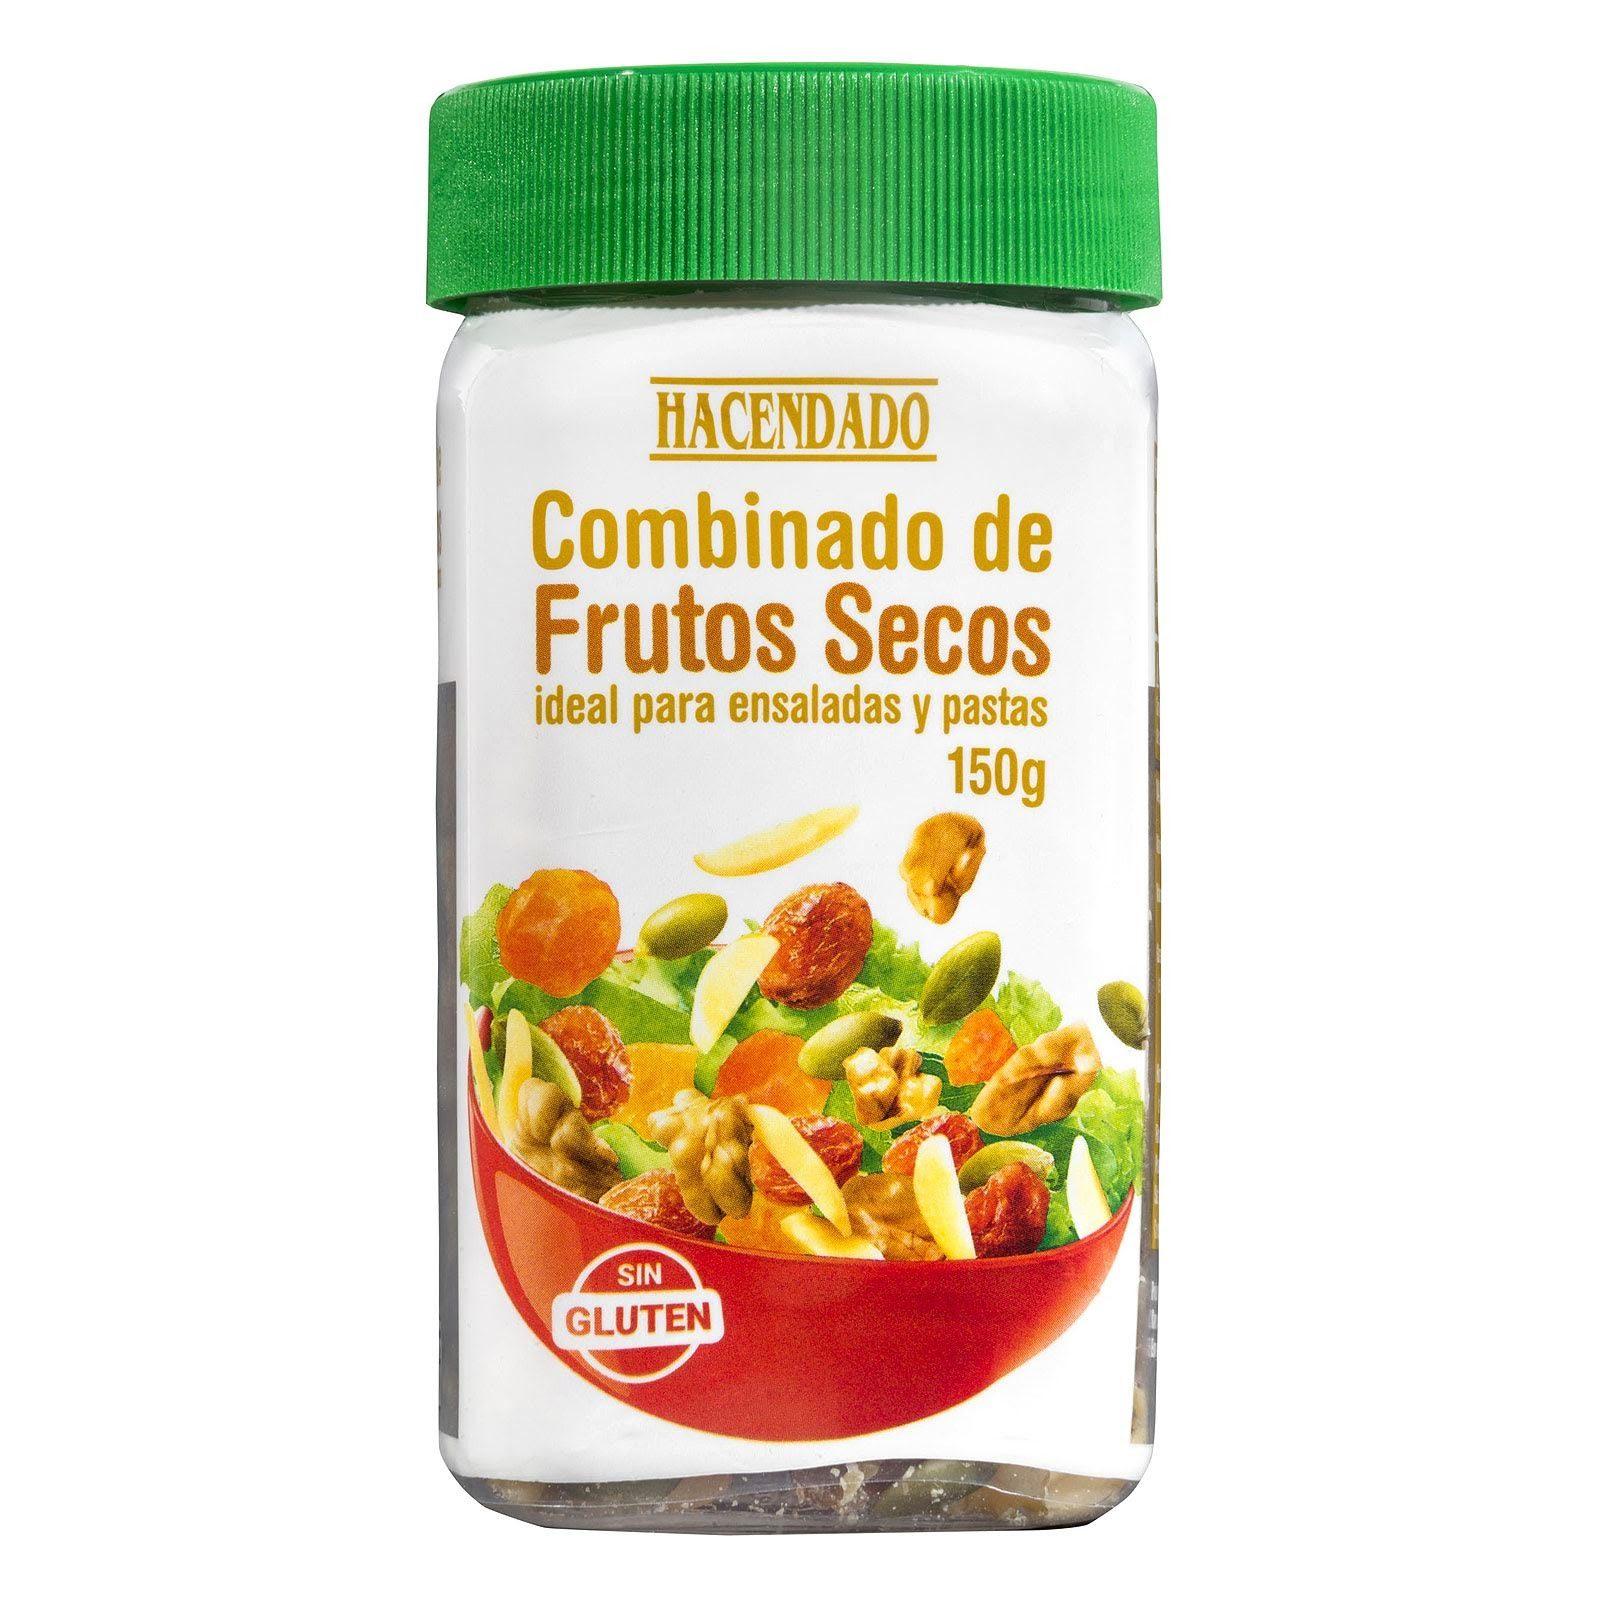 combinado-de-frutos-secos-hacendado-mercadona-1-3259907